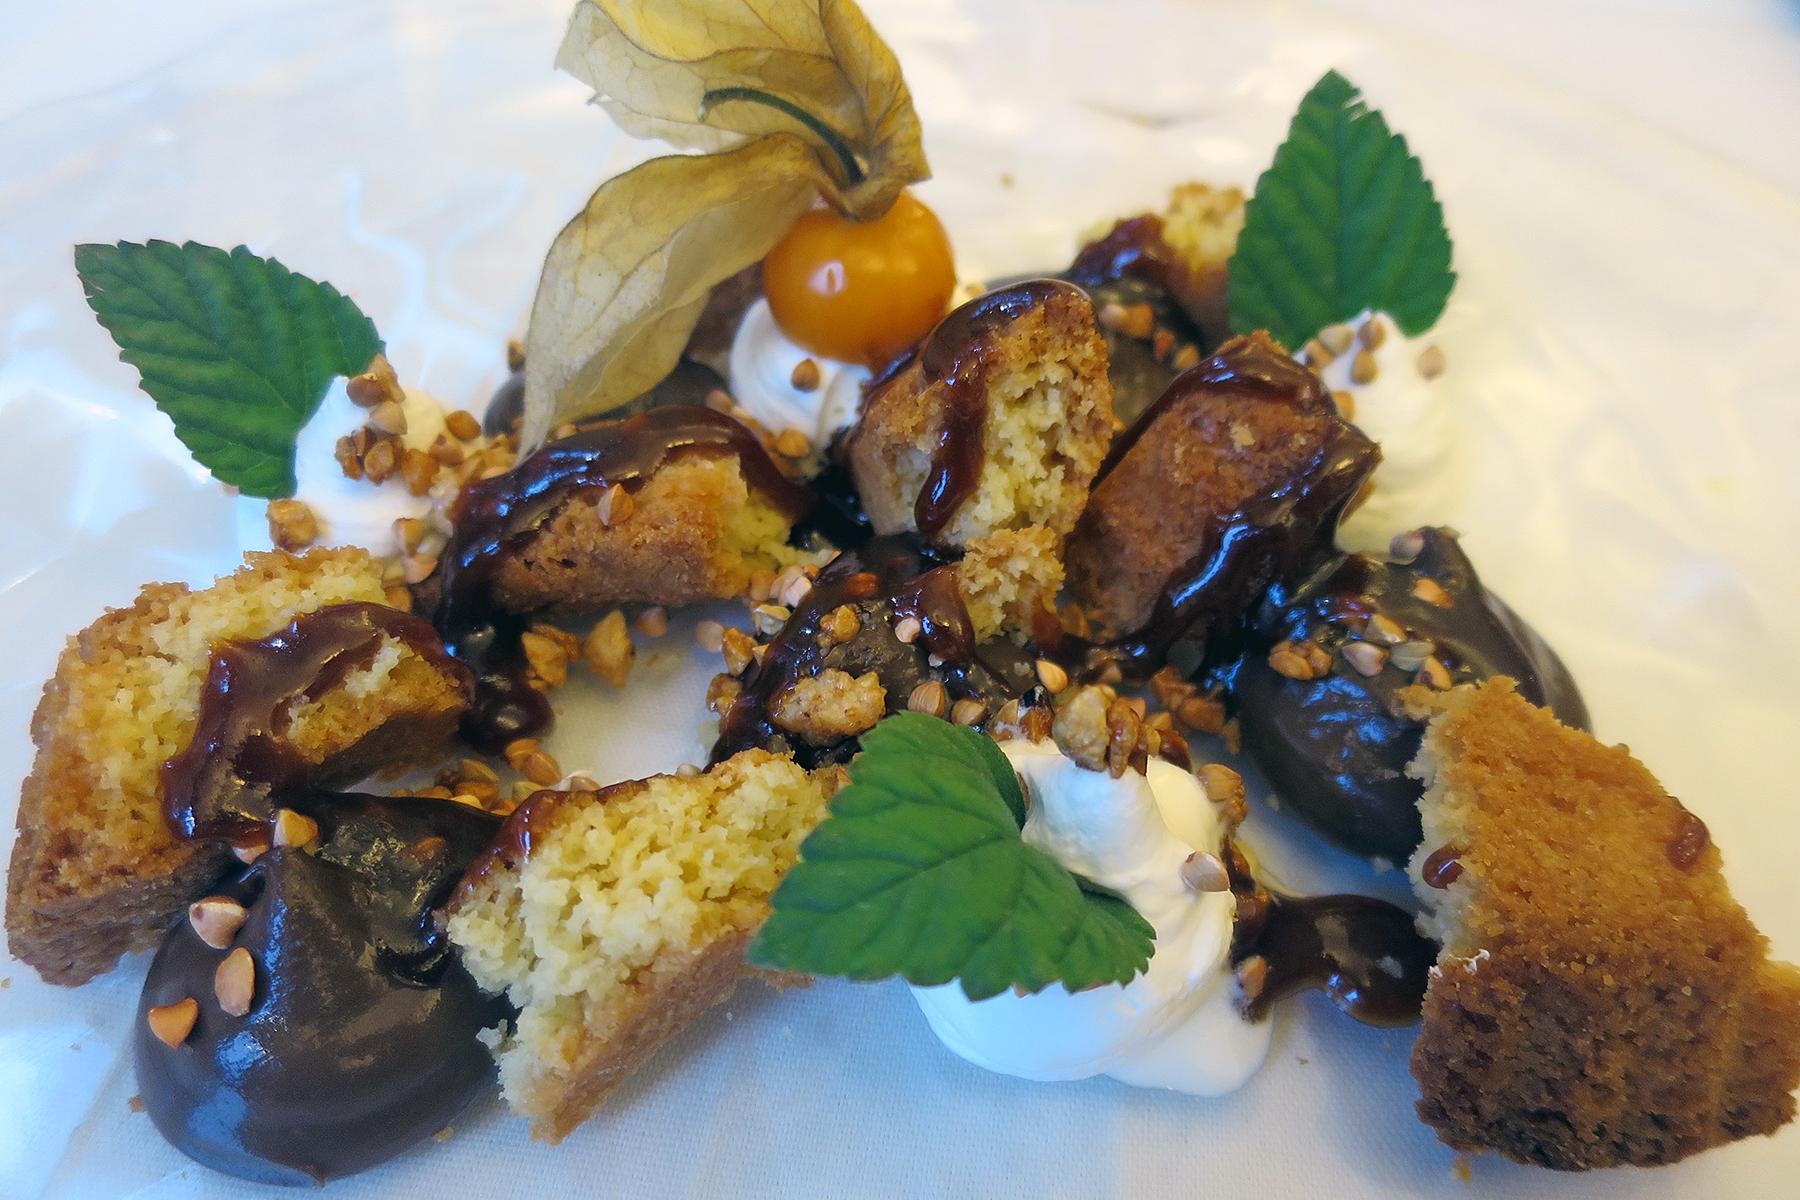 Food-Guide Bretagne: 12 bretonische Spezialitäten, die man unbedingt probieren muss